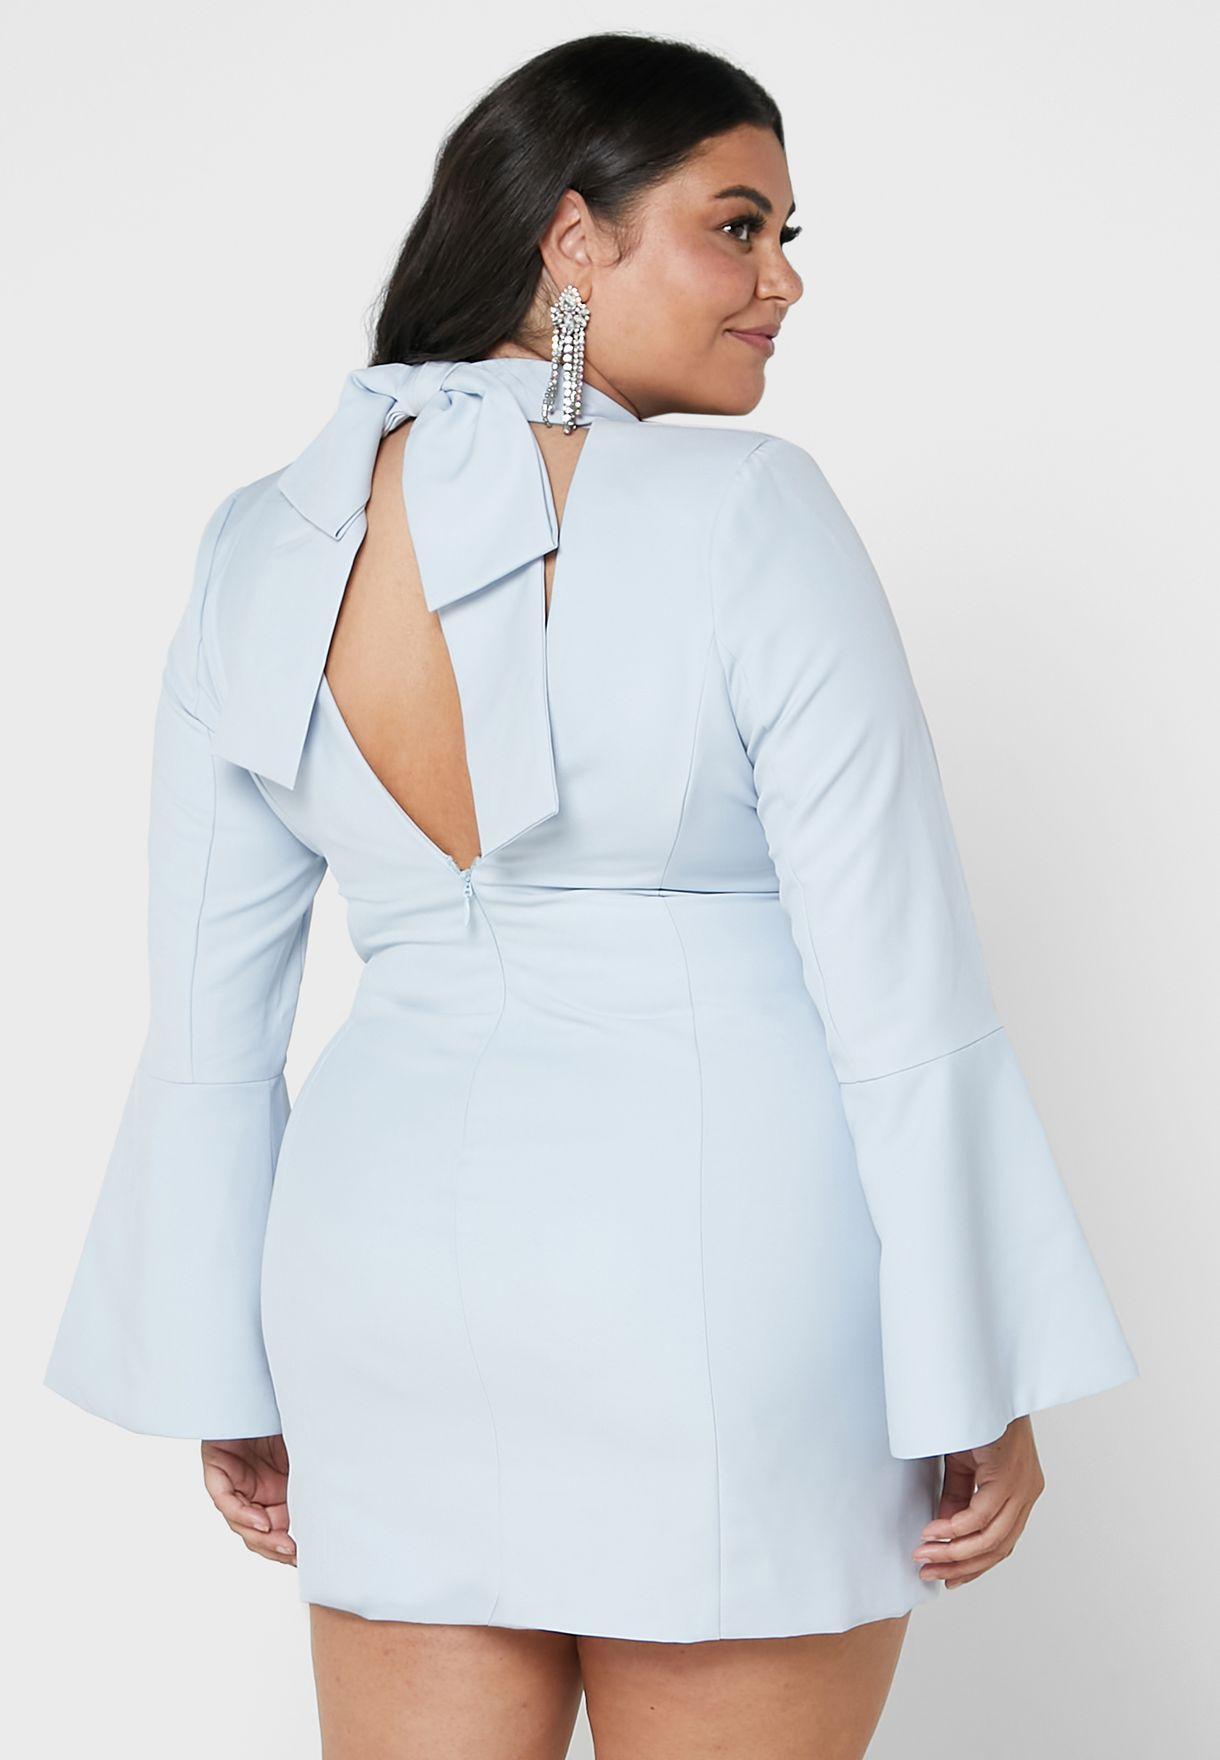 فستان بياقة كلاسيكية وفيونكة خلفية